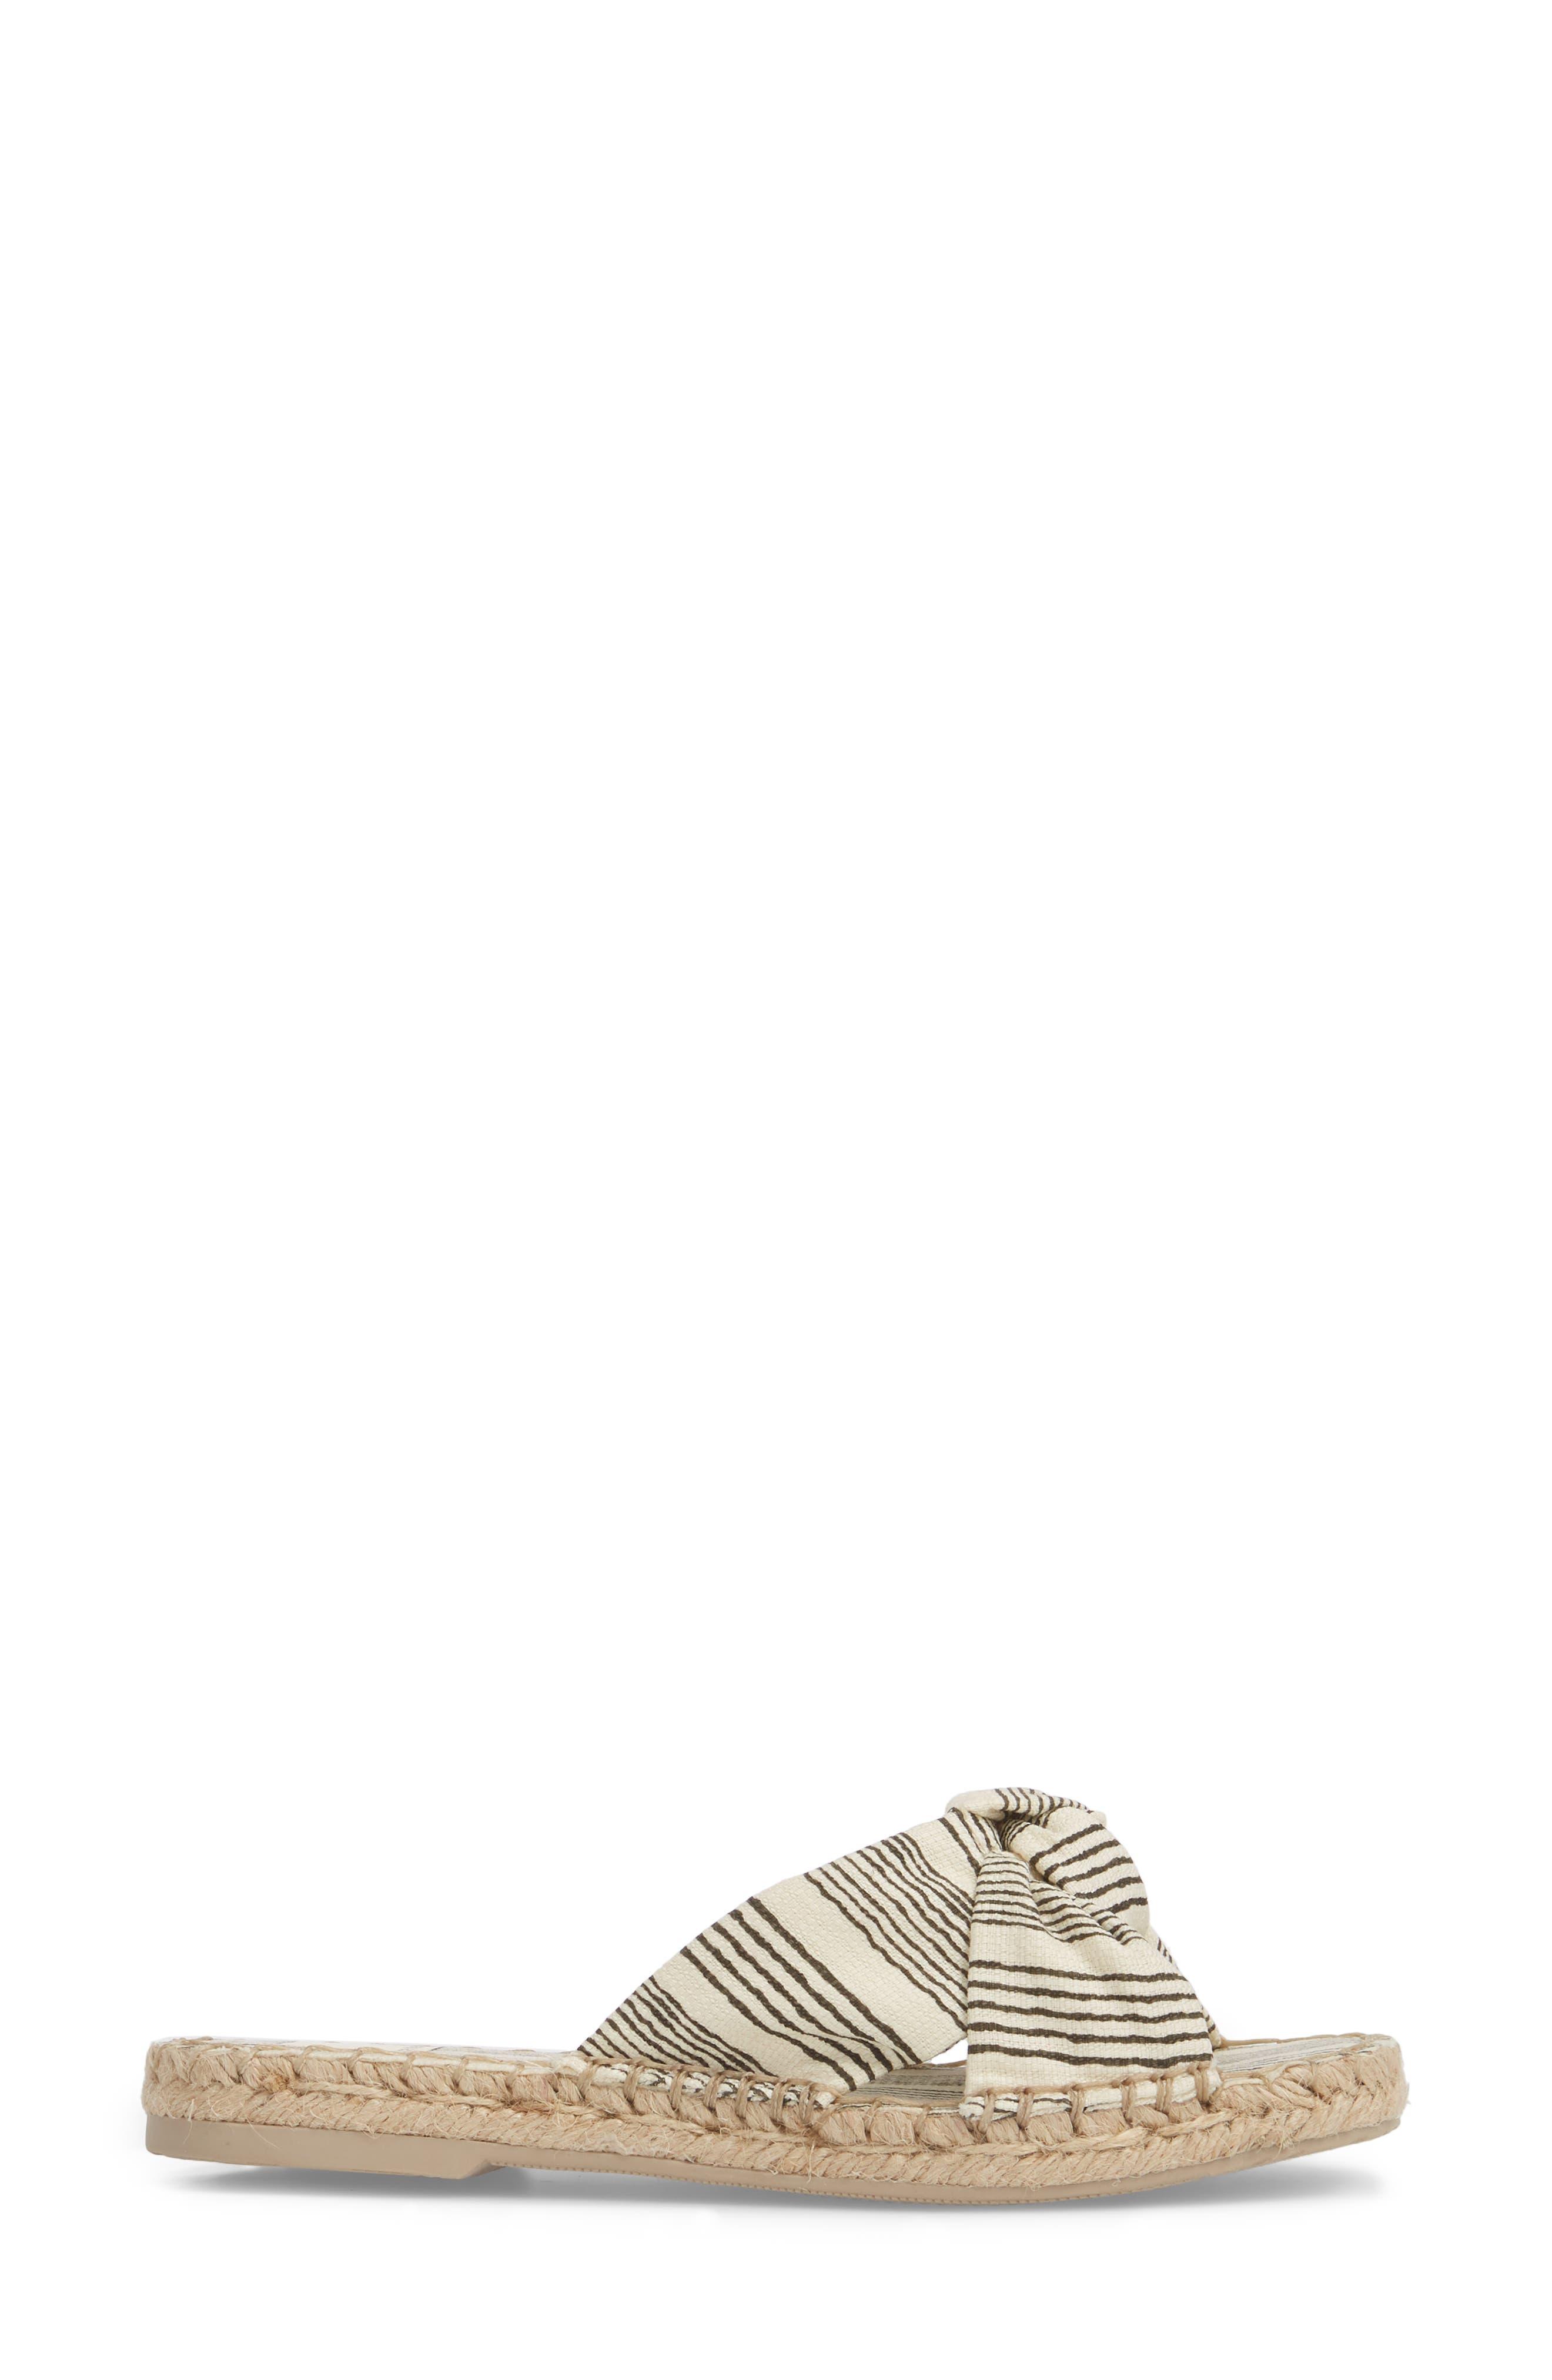 Alternate Image 3  - Dolce Vita Benicia Knotted Slide Sandal (Women)